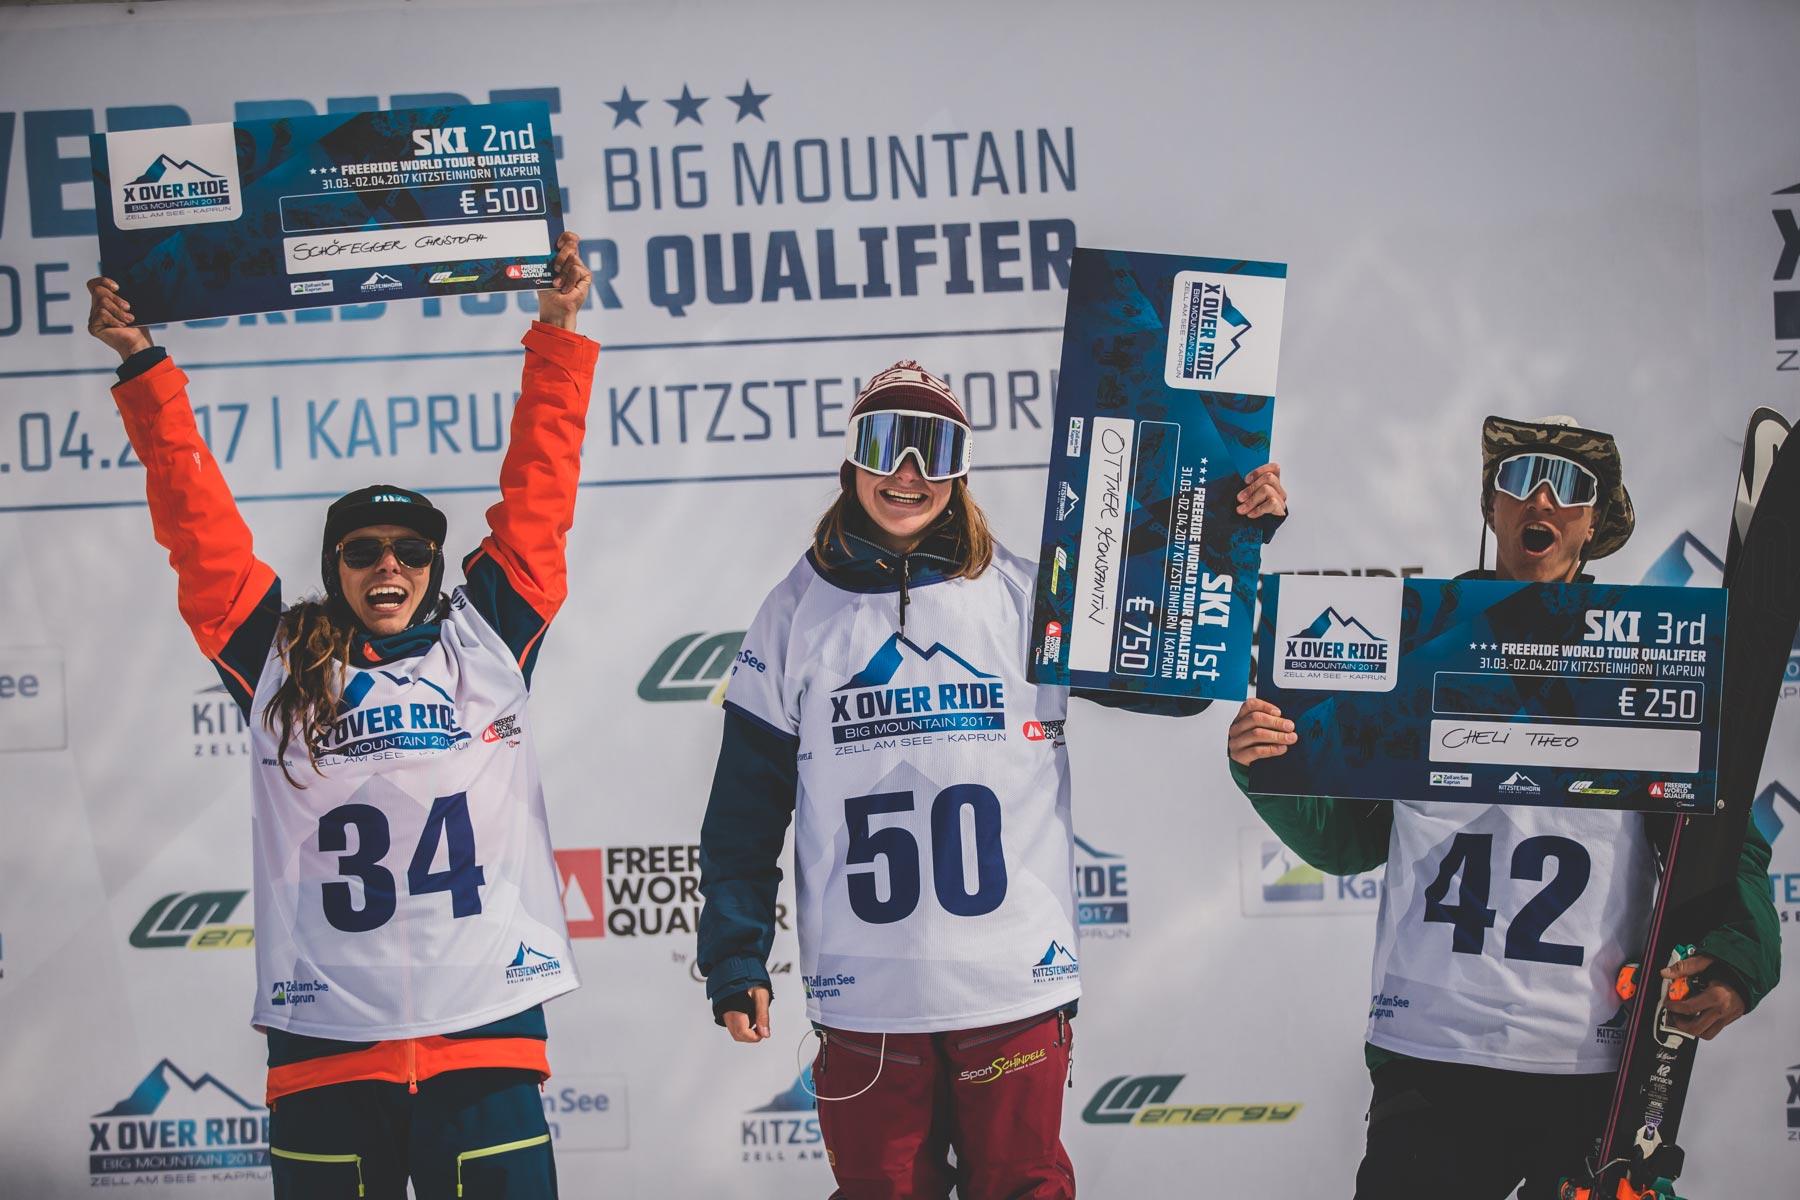 Die drei besten Männer beim X Over Ride2017 am Kitzsteinhorn: Theo Cheli, Konstantin Ottner und Christoph Schöfegger - Foto: Mia Knoll